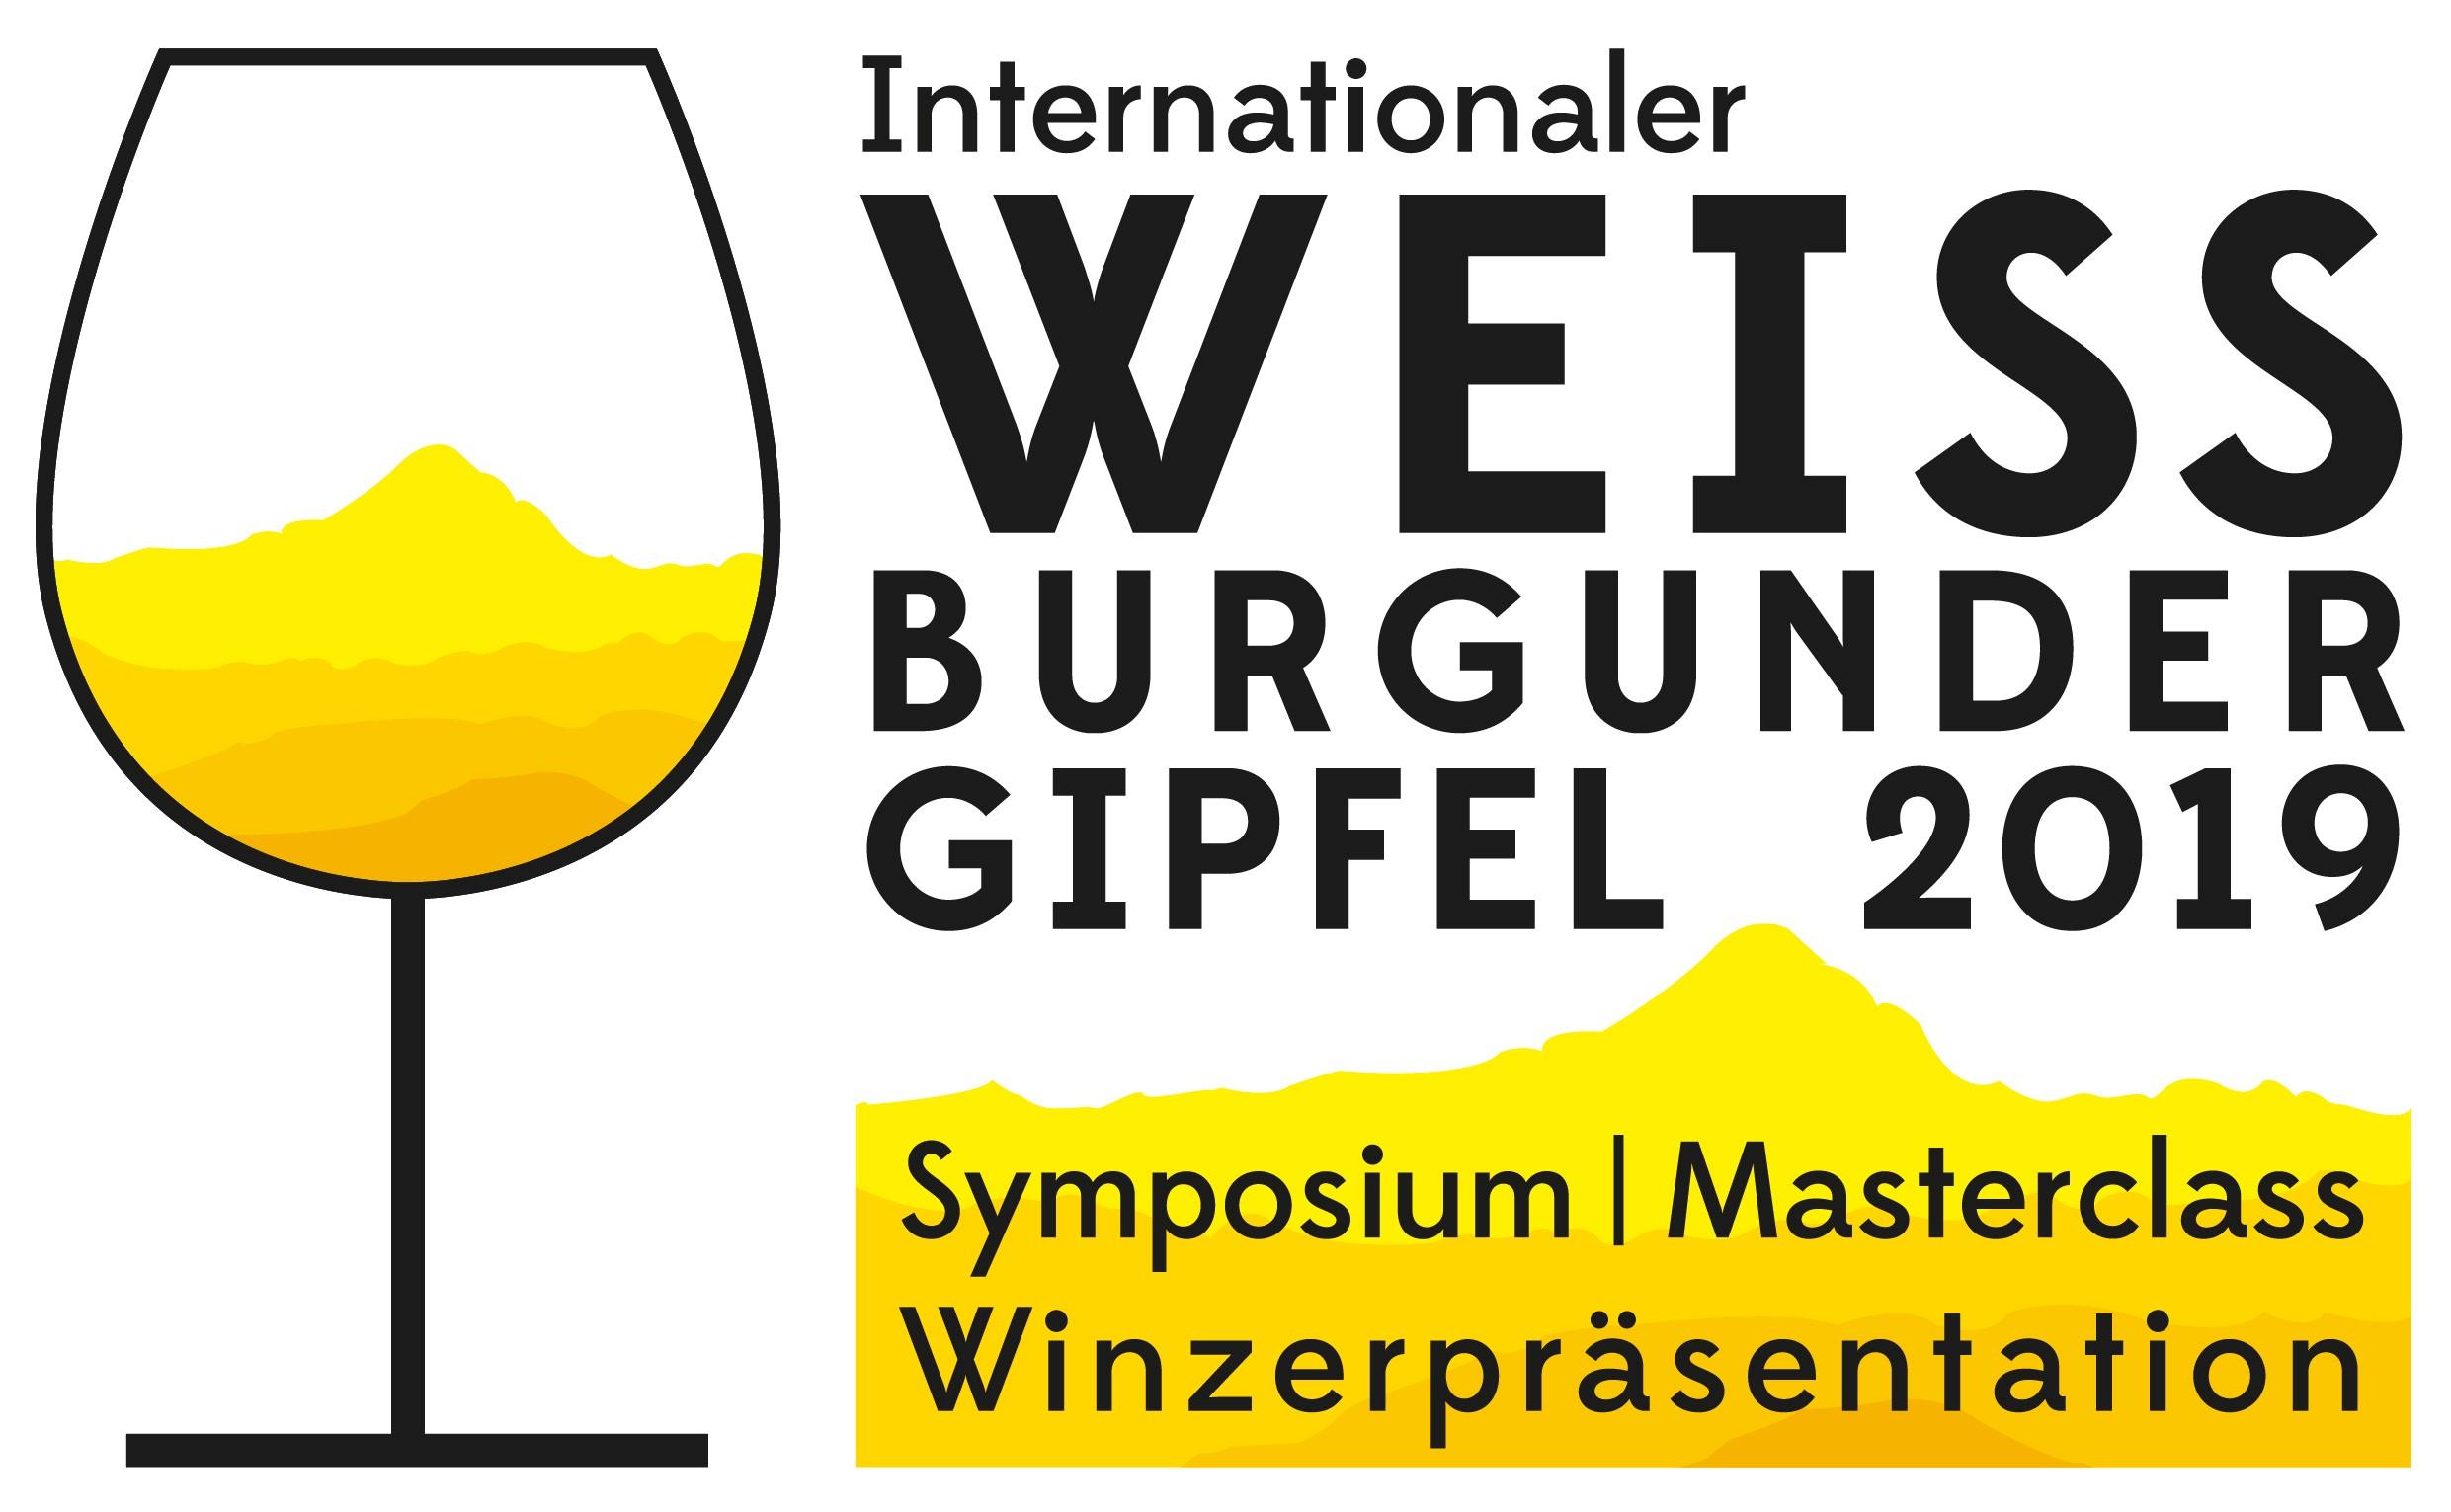 Weissburgunder Gipfel 2019